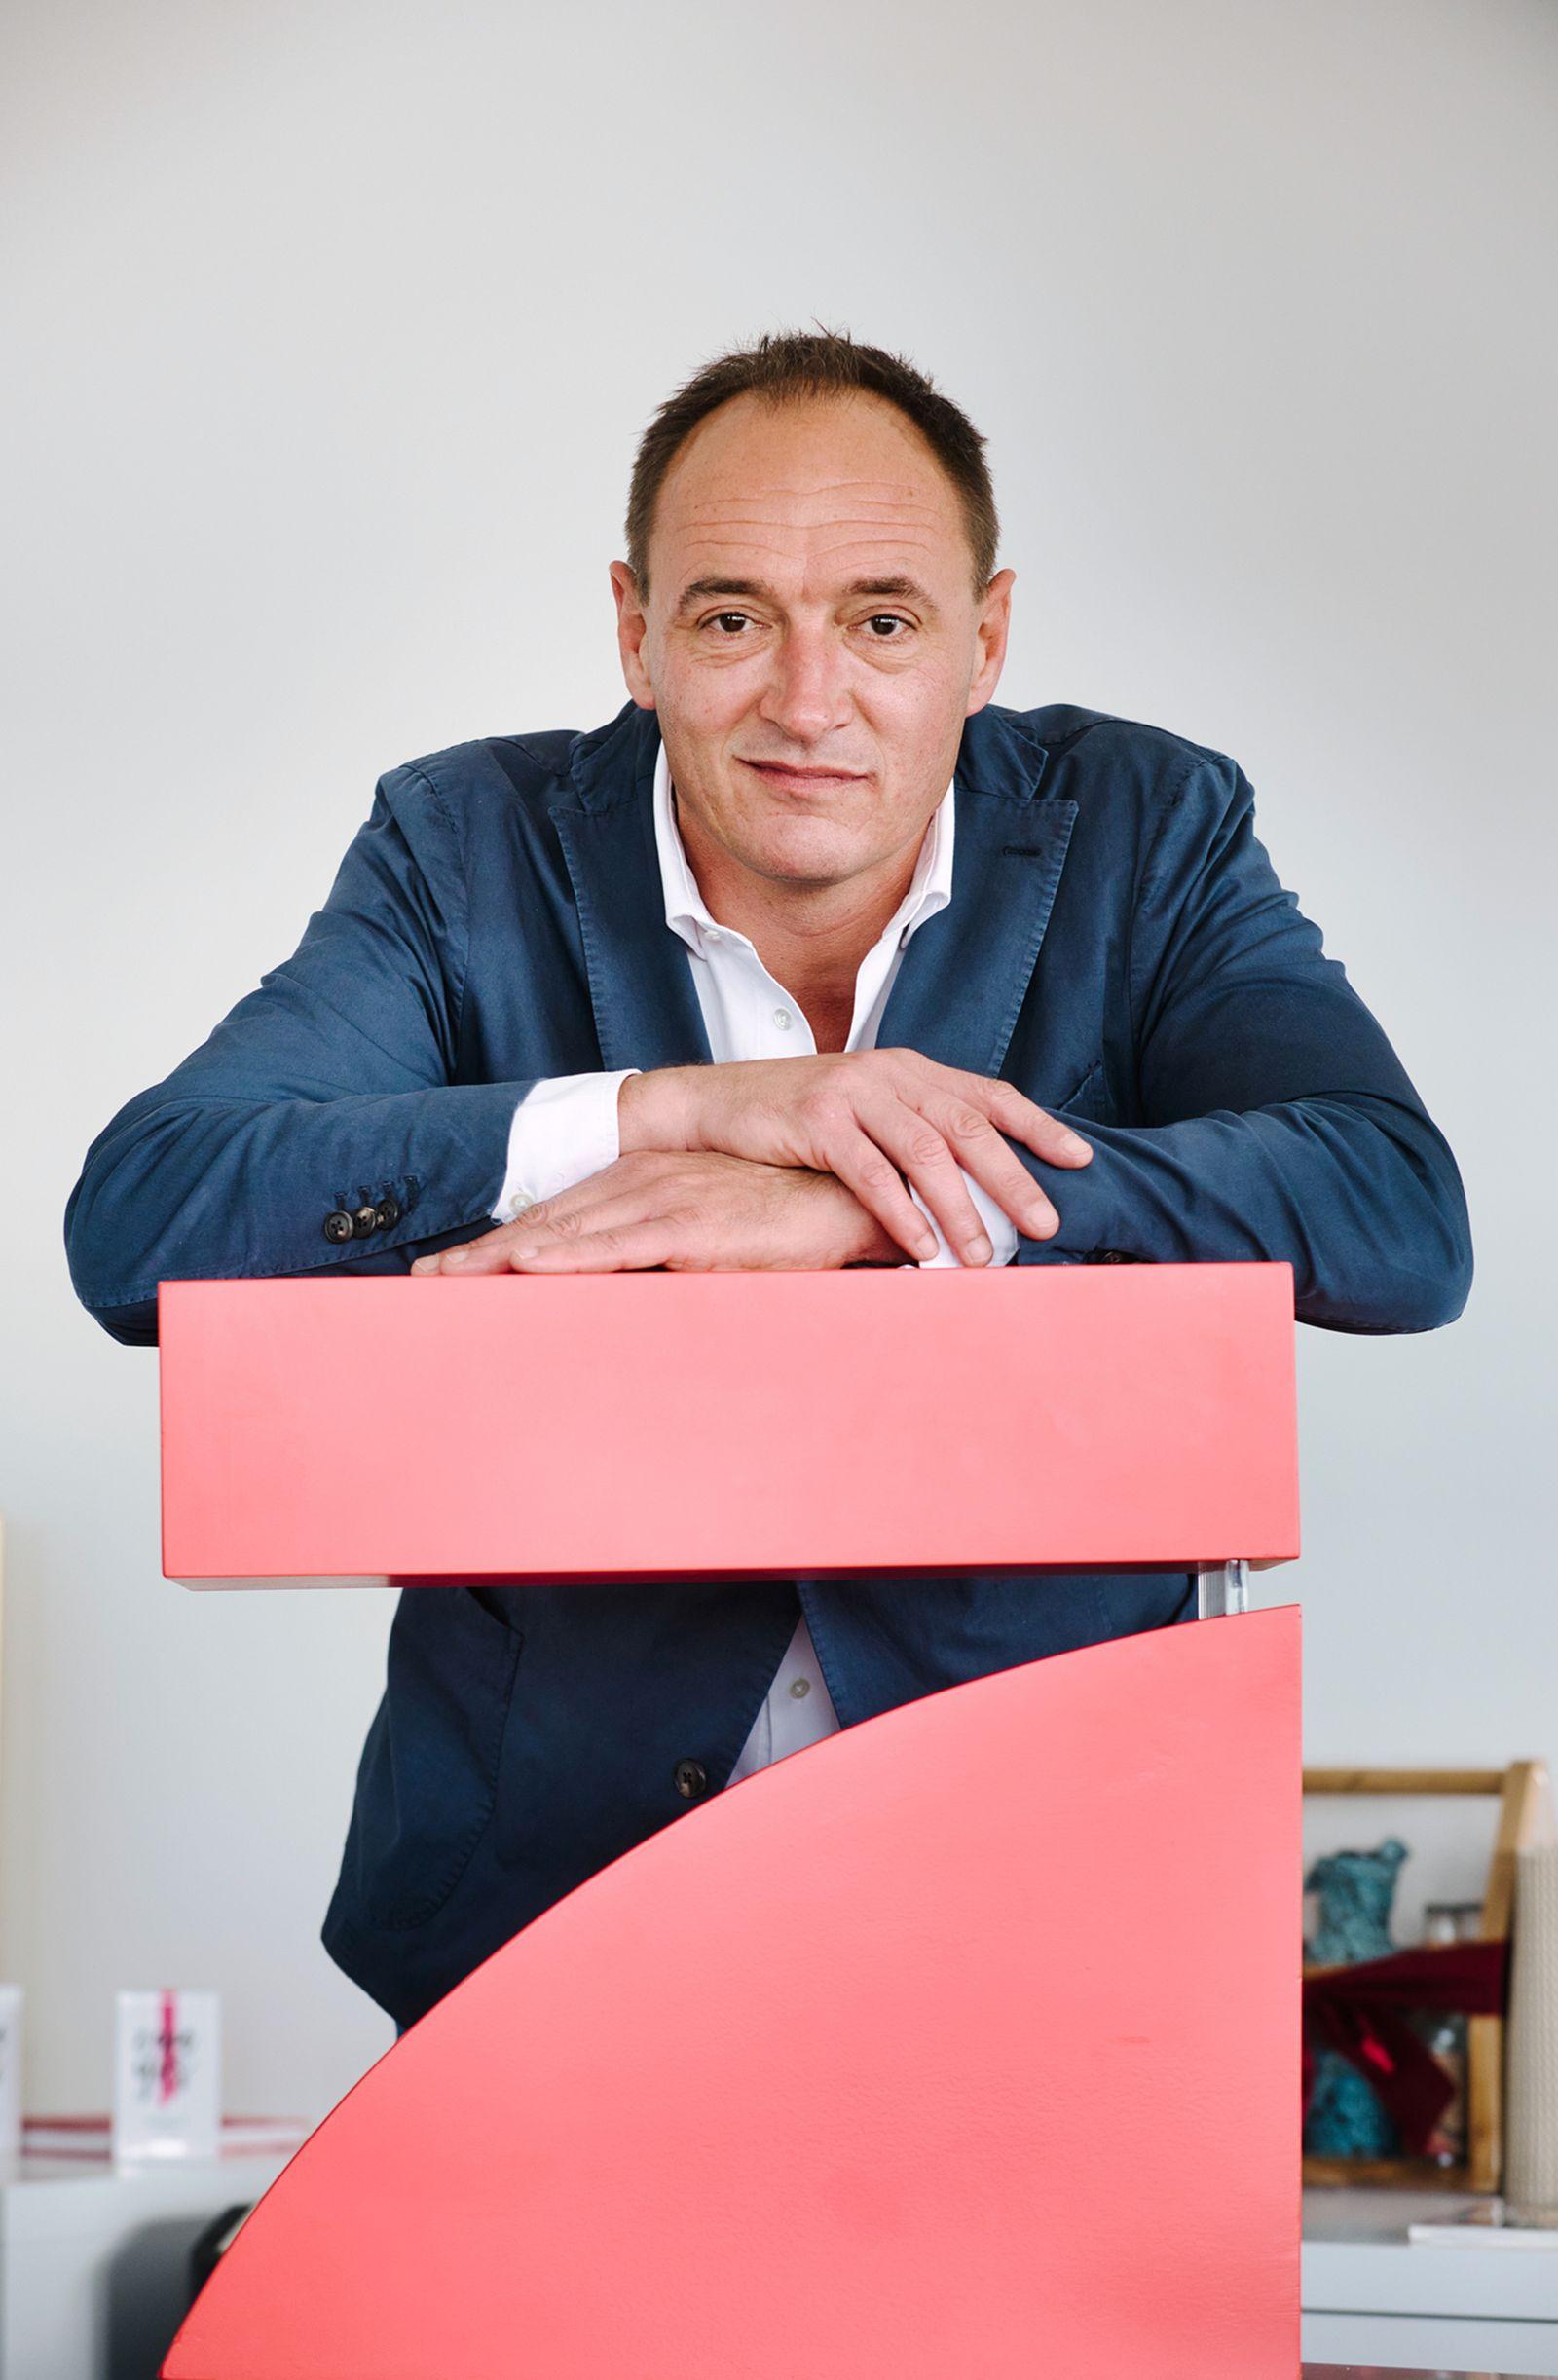 Max Conze - der neue Vorstandsvorsitzende von Pro Sieben / Pro7 Sat 1 Media im Gespräch mit der F.A.S.